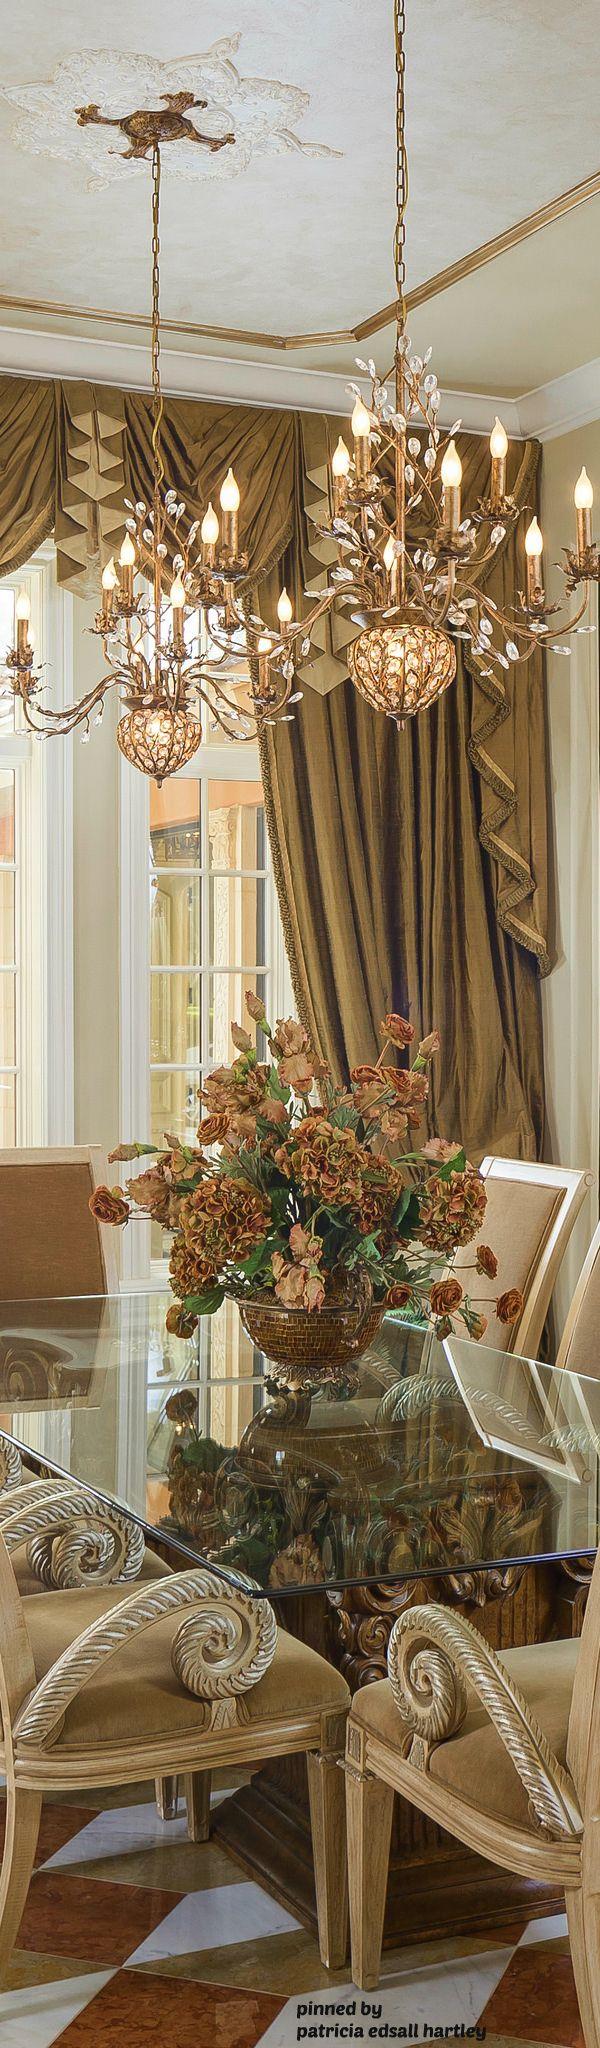 1638 best Elegant Dining images on Pinterest | Dining room design ...